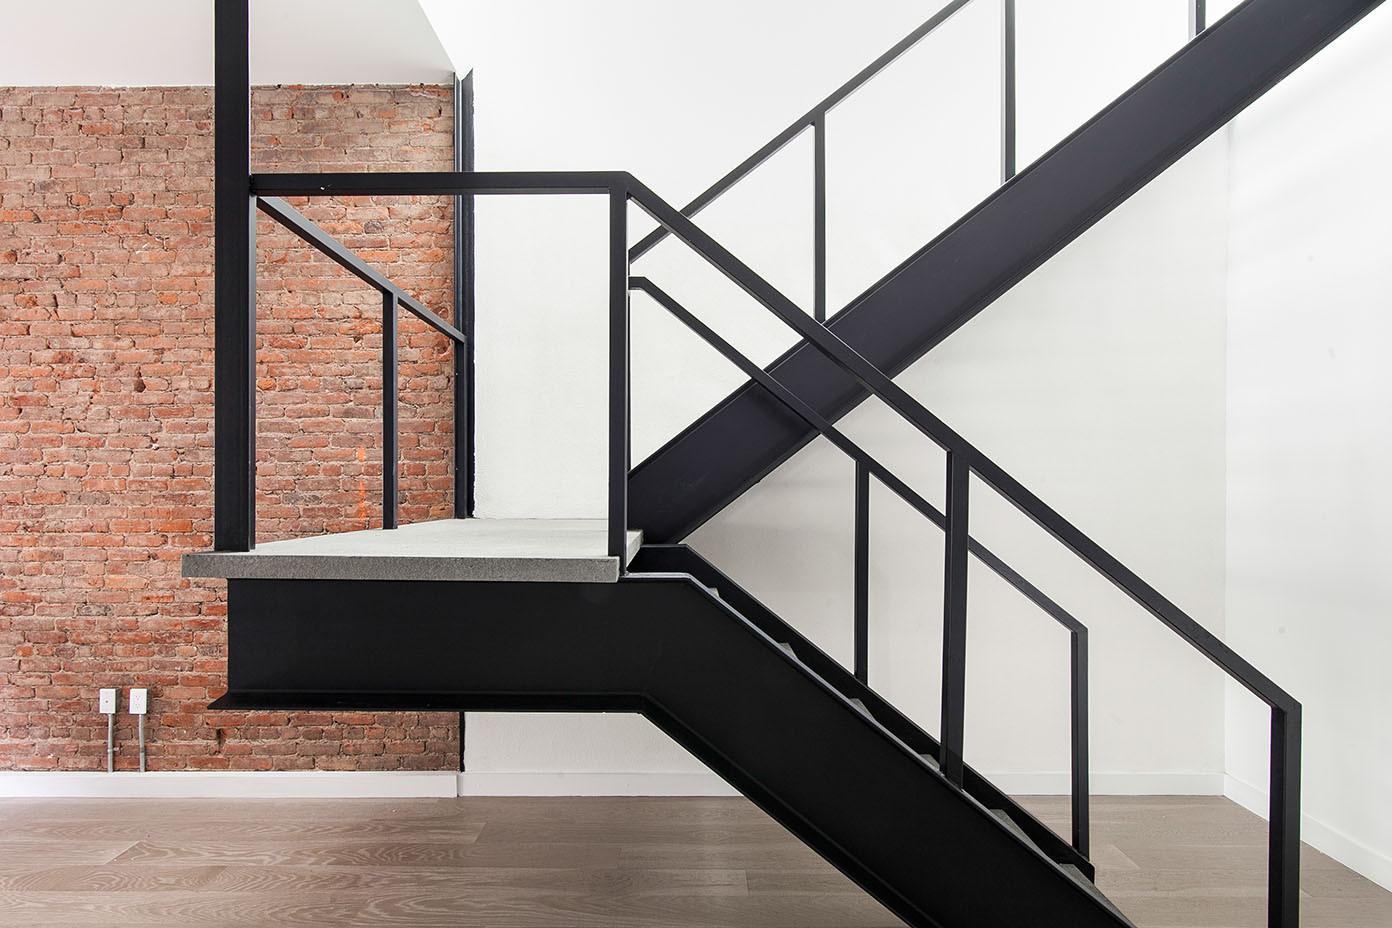 496_Broadway_Stairs_ClaudiaFromm.jpg.jpg